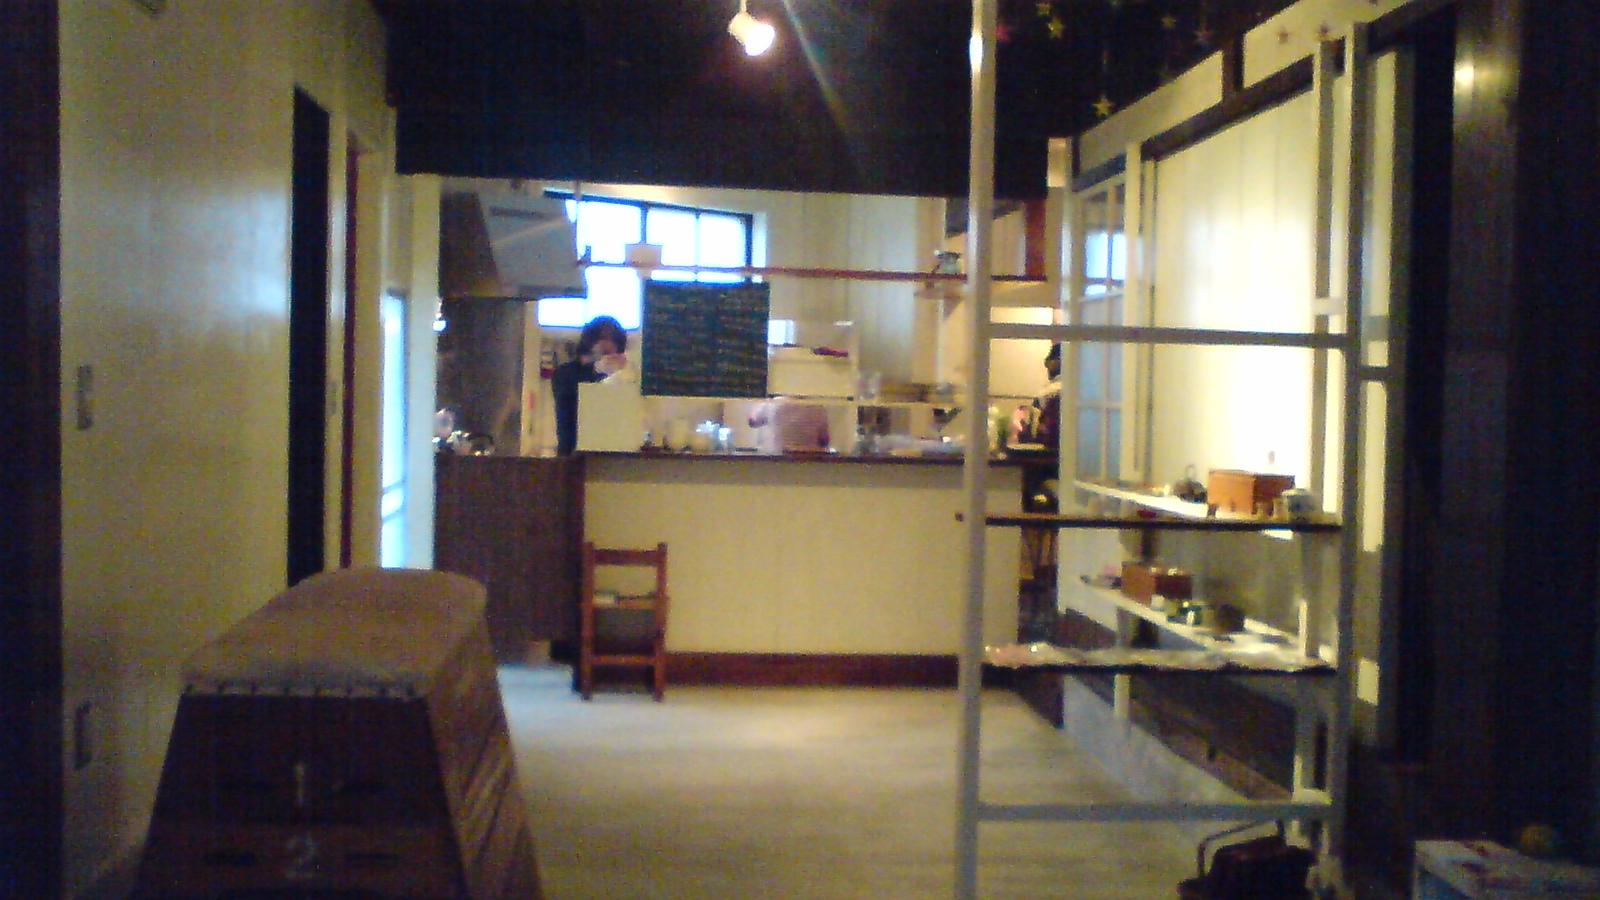 ドマカフェ入口